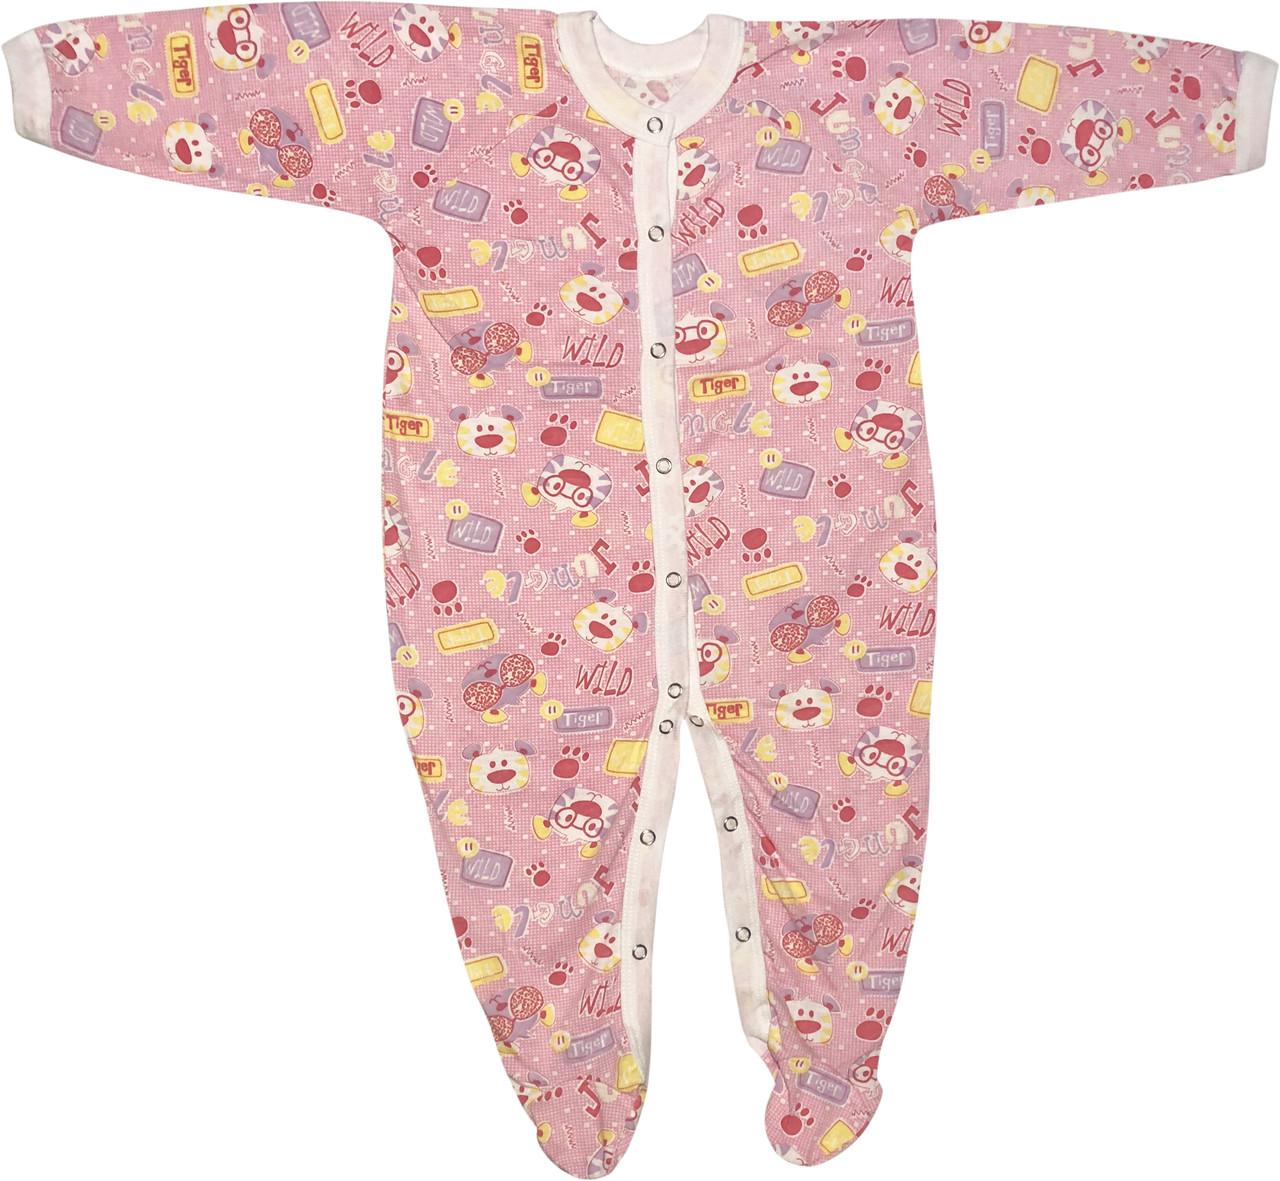 Детский тонкий человечек рост 80 9-12 мес хлопковый кулир розовый на девочку слип для новорожденных малышей Ш190